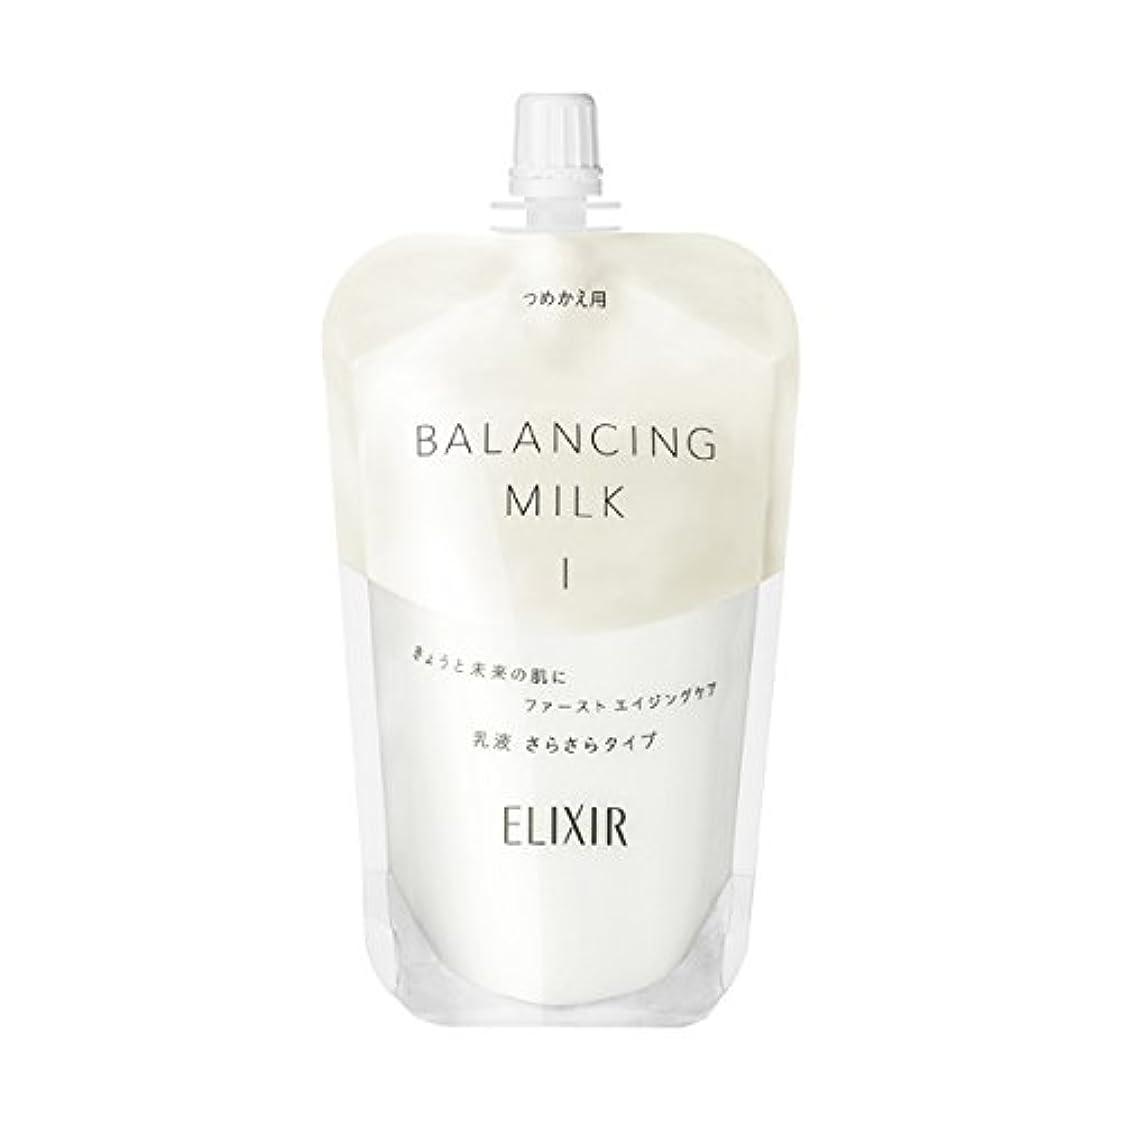 ブレンド無効羊飼いエリクシール ルフレ バランシング ミルク 乳液 1 (さらさらタイプ) (つめかえ用) 110mL